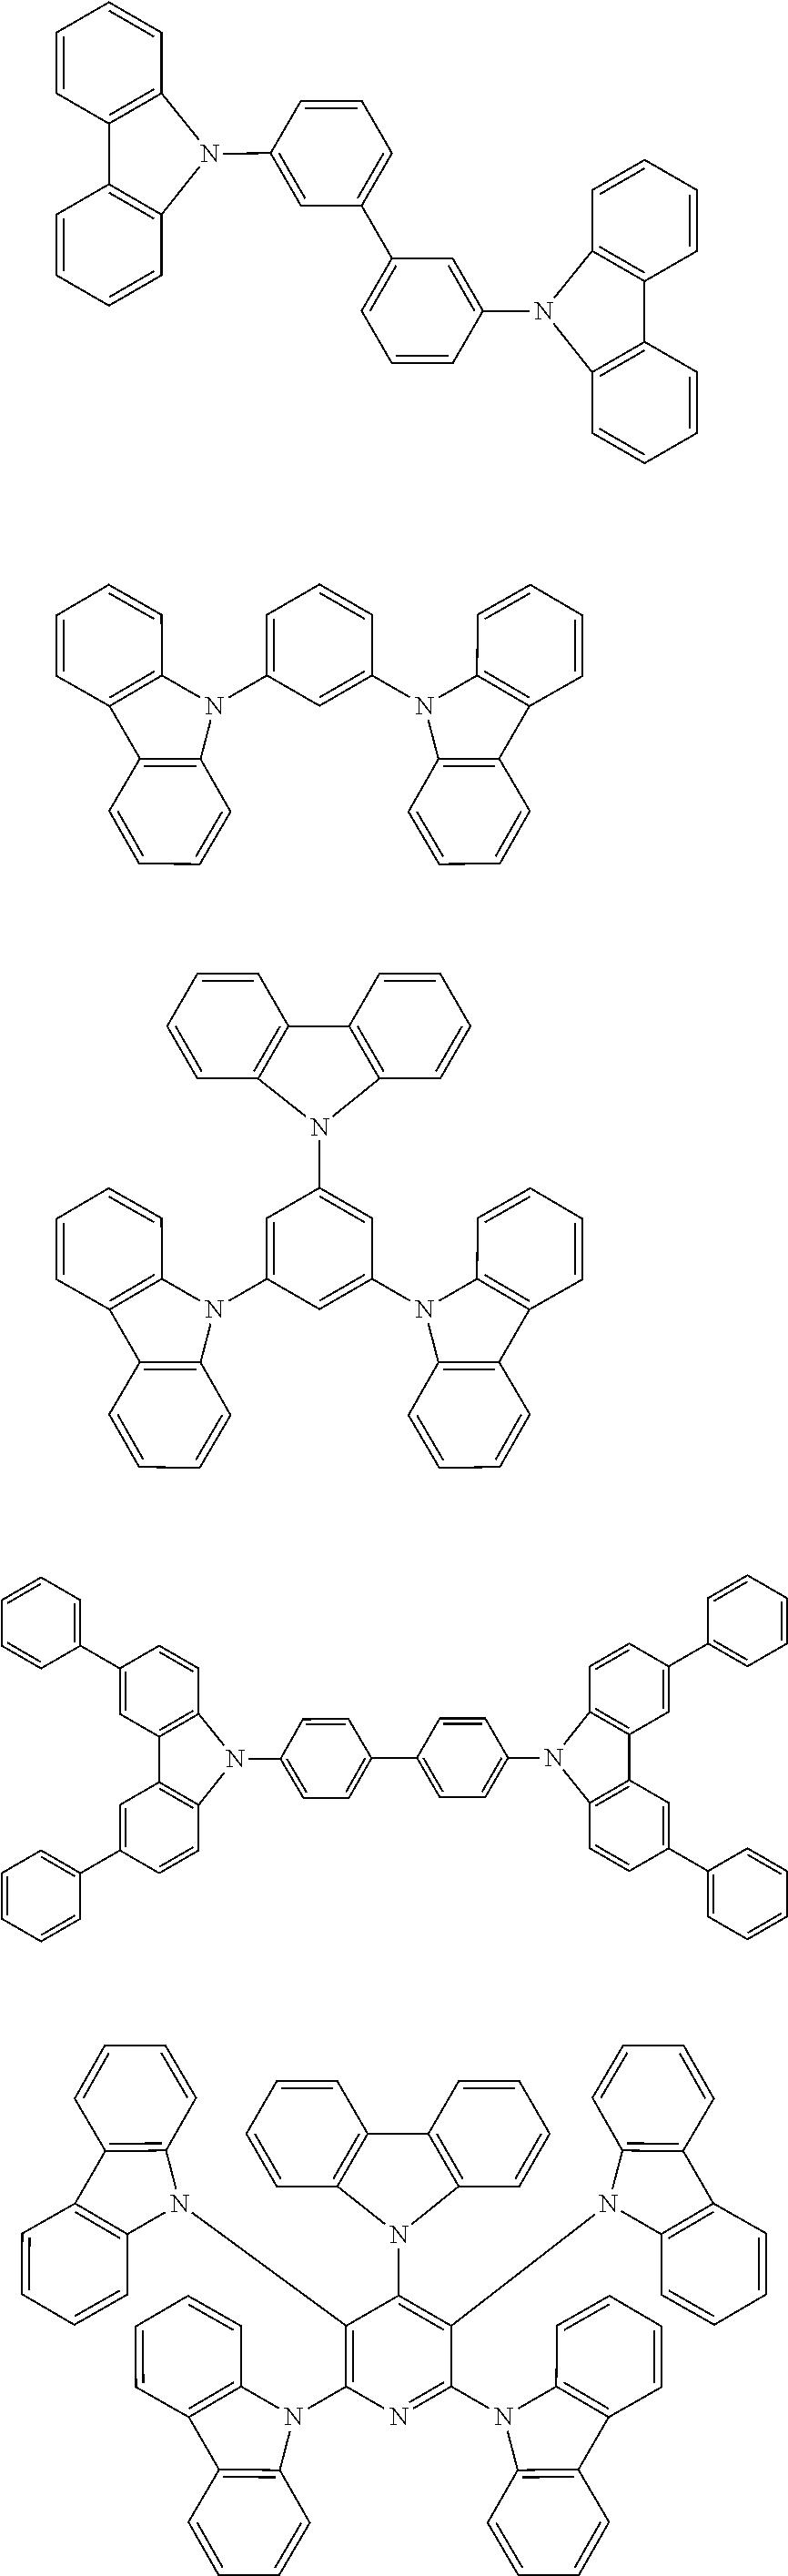 Figure US20110215312A1-20110908-C00055